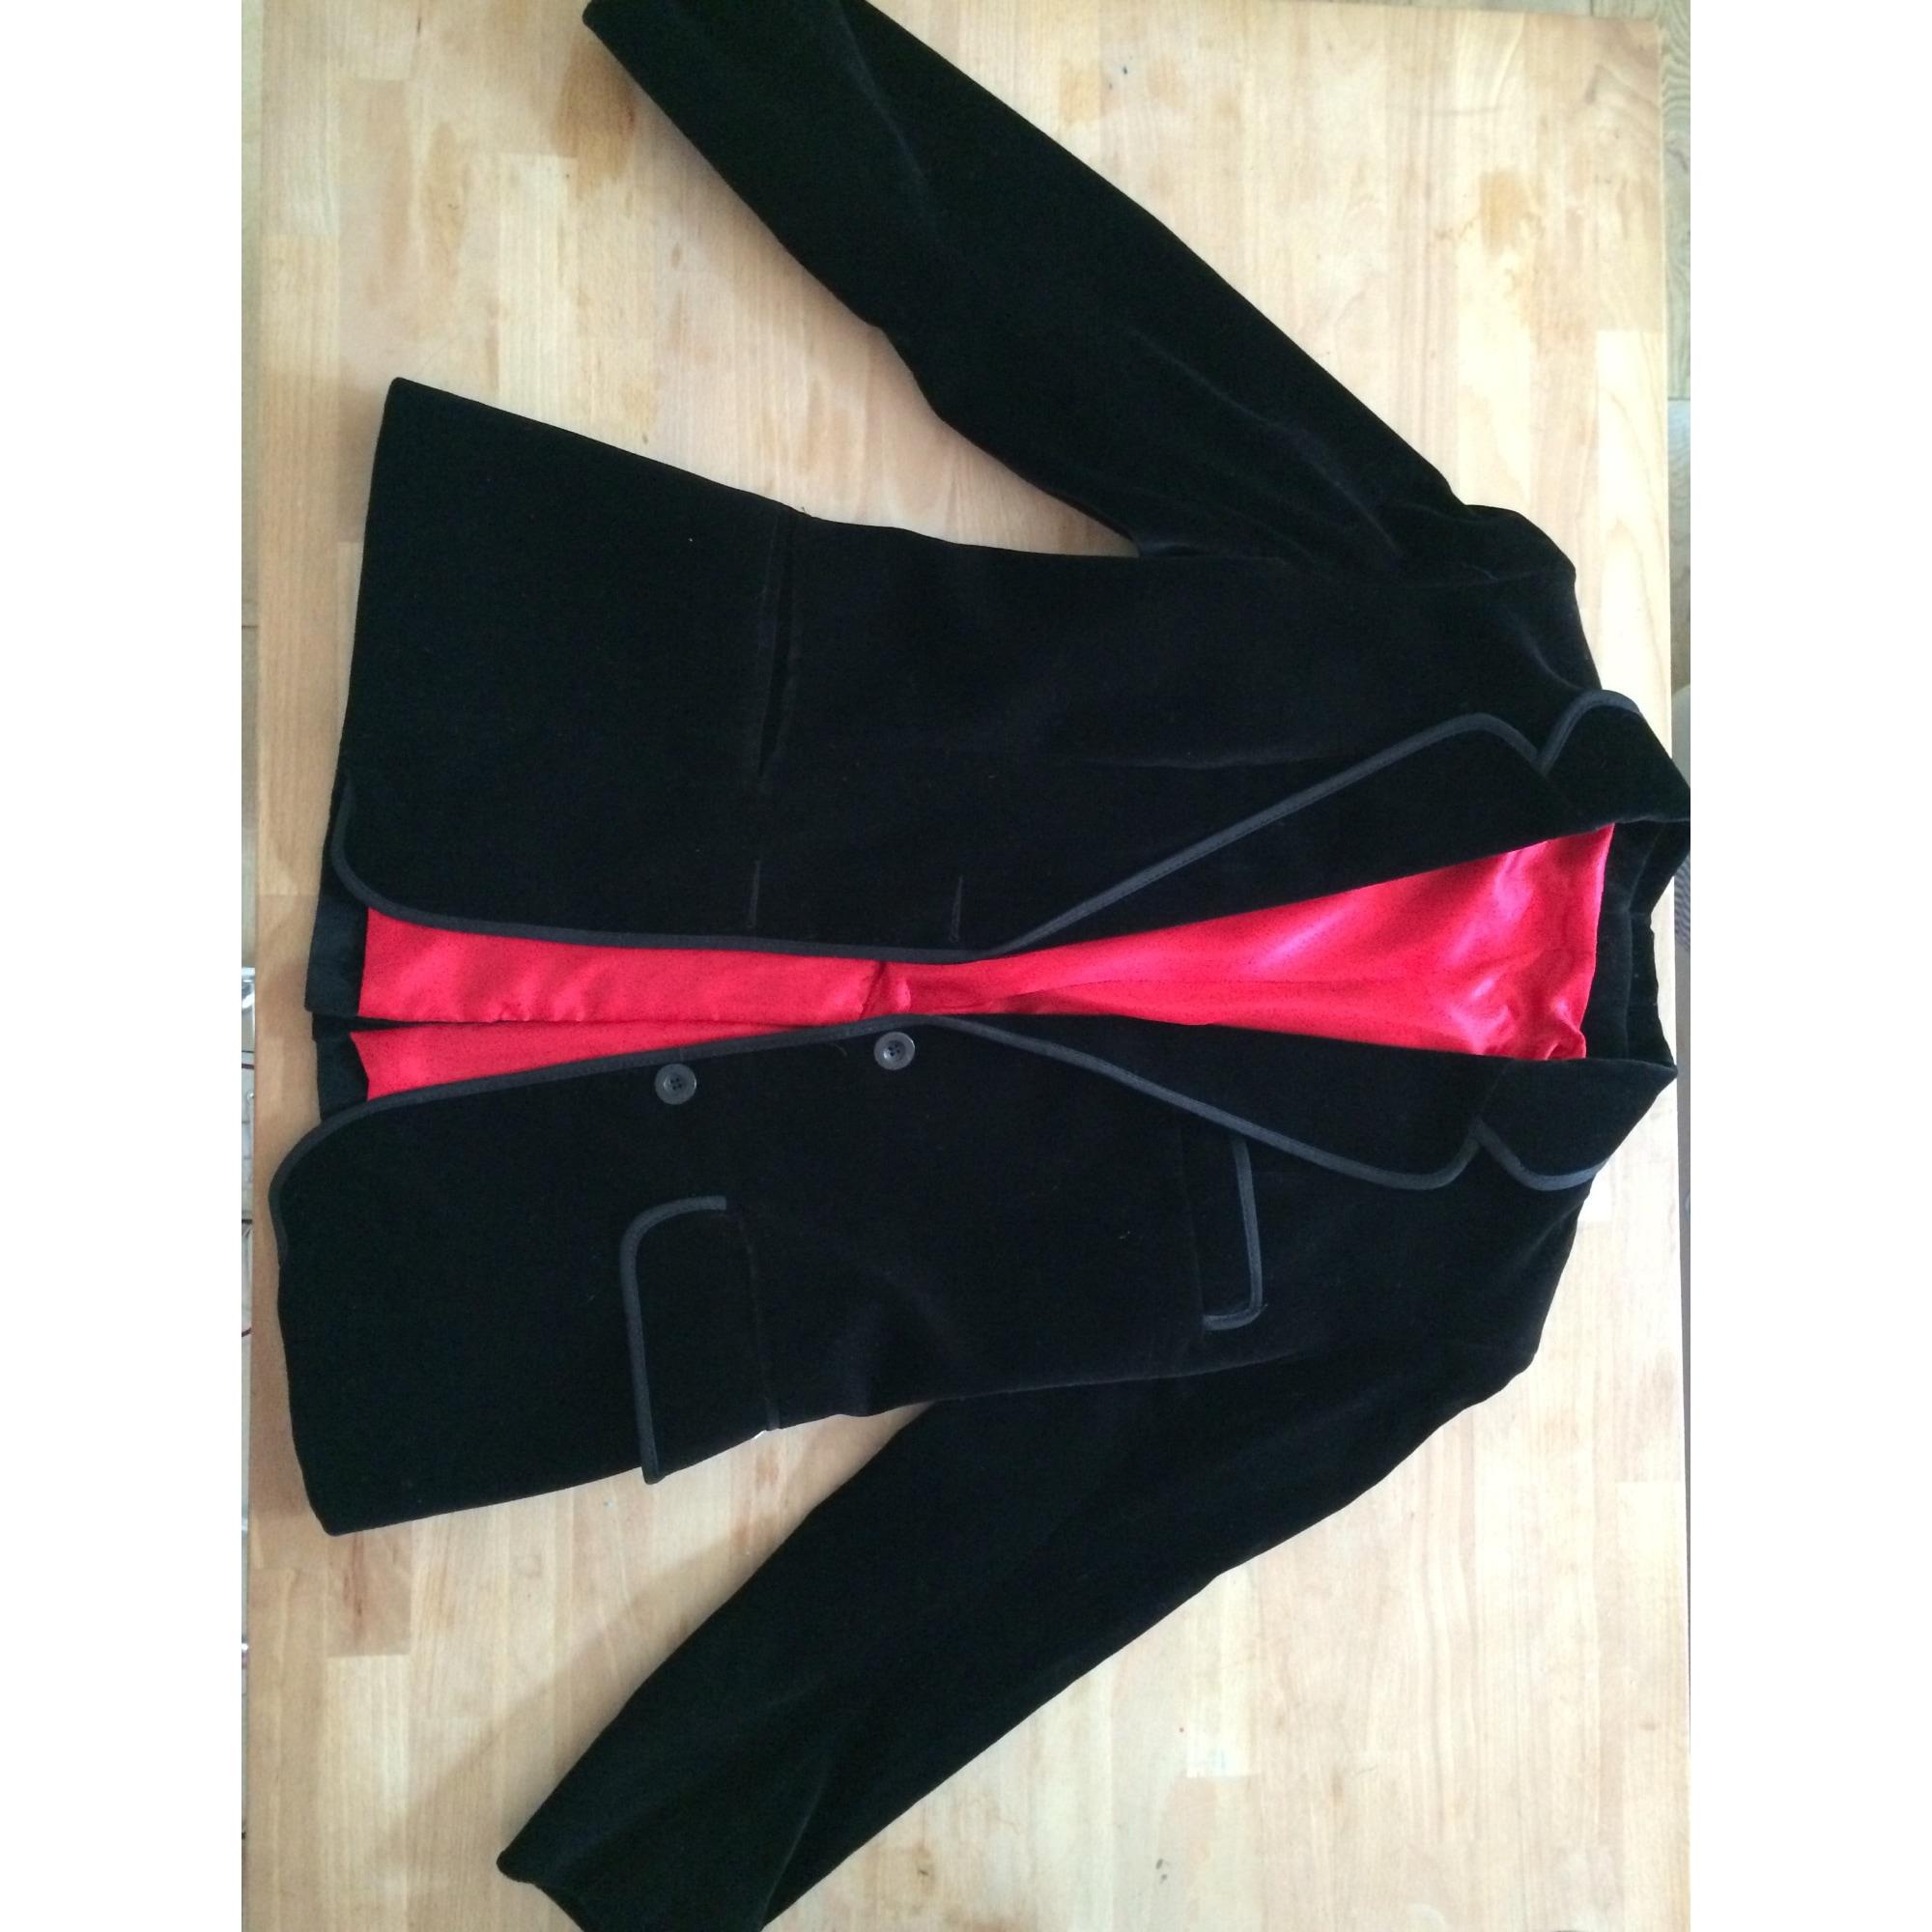 Blazer, veste tailleur LES INDIENNES DE NÎMES 36 (S, T1) noir vendu ... 0fe9a47d7cd